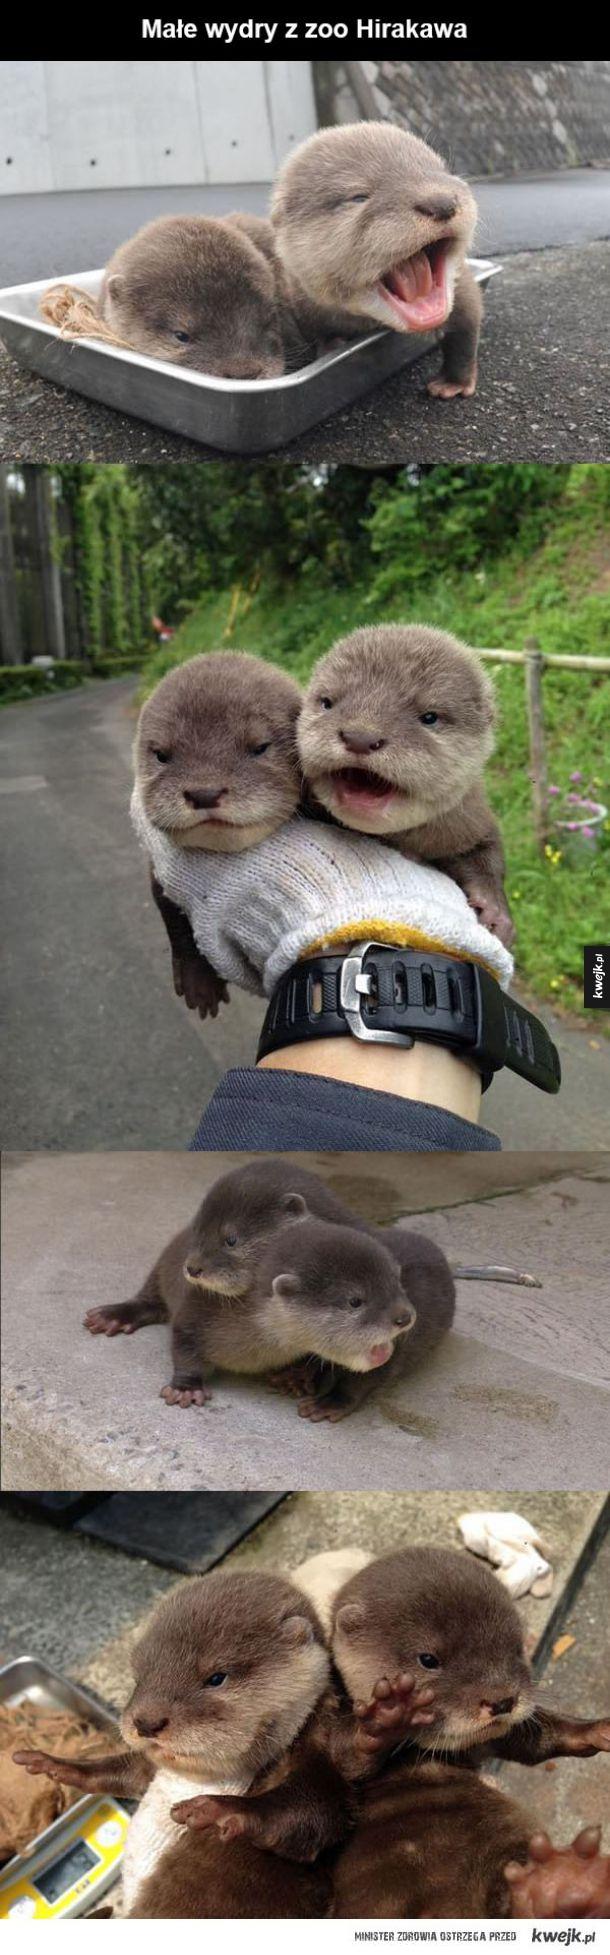 Małe wydry :)